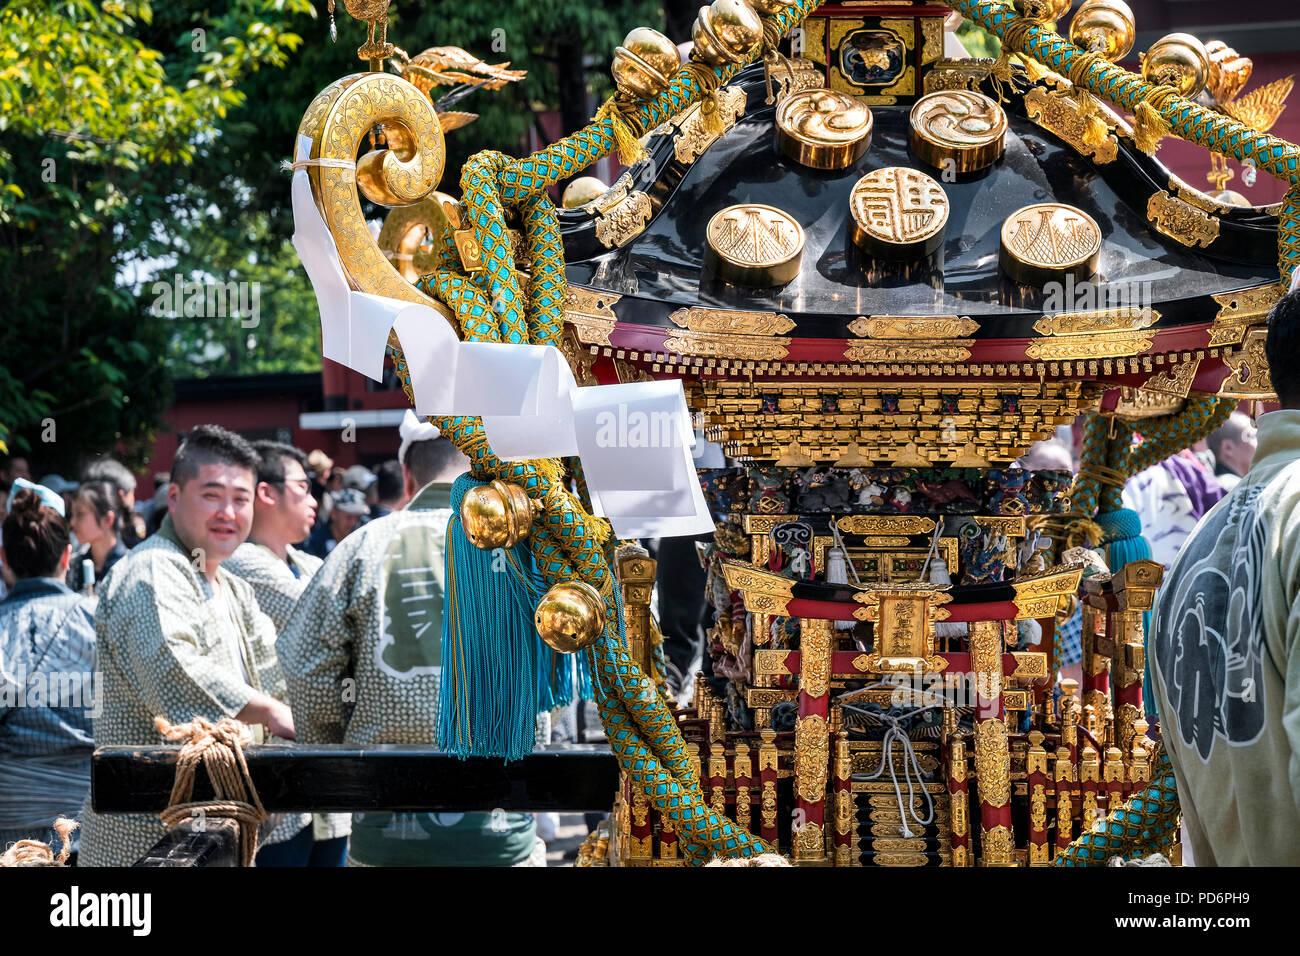 La isla de Japón, Honshu, Kanto, Tokio, el Sanja Matsuri. Imagen De Stock